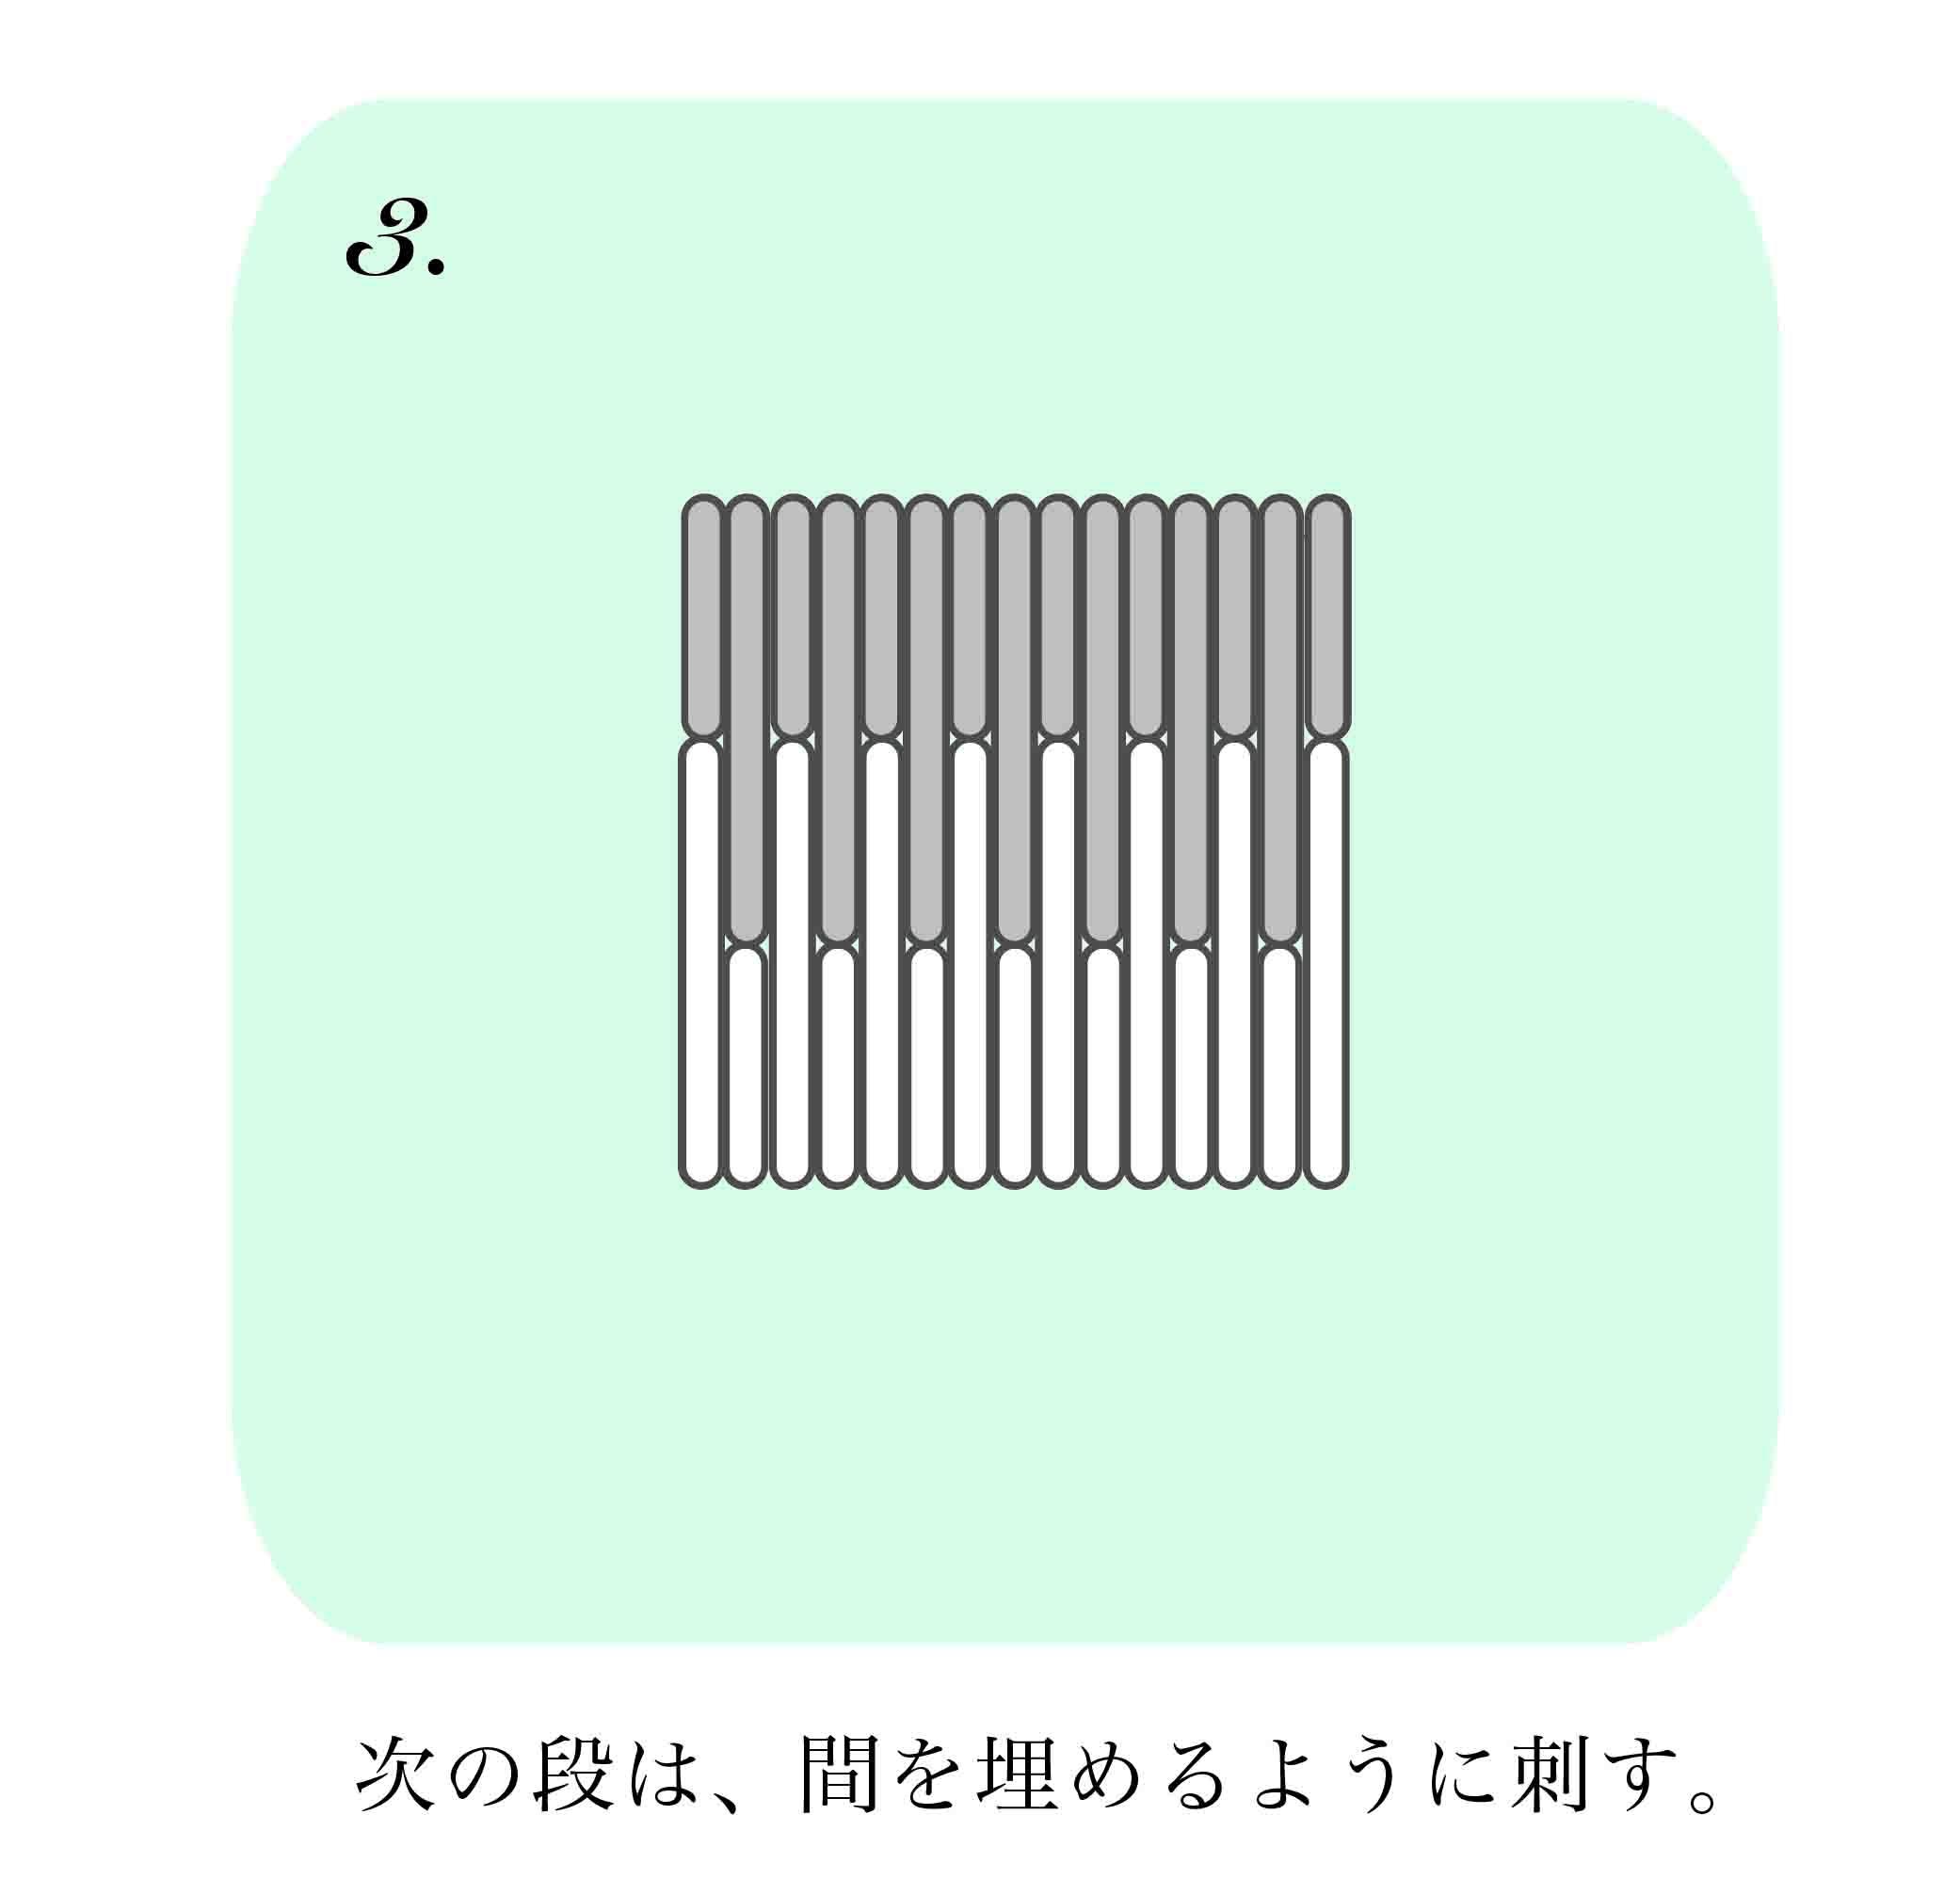 ロング&ショート_3.jpg